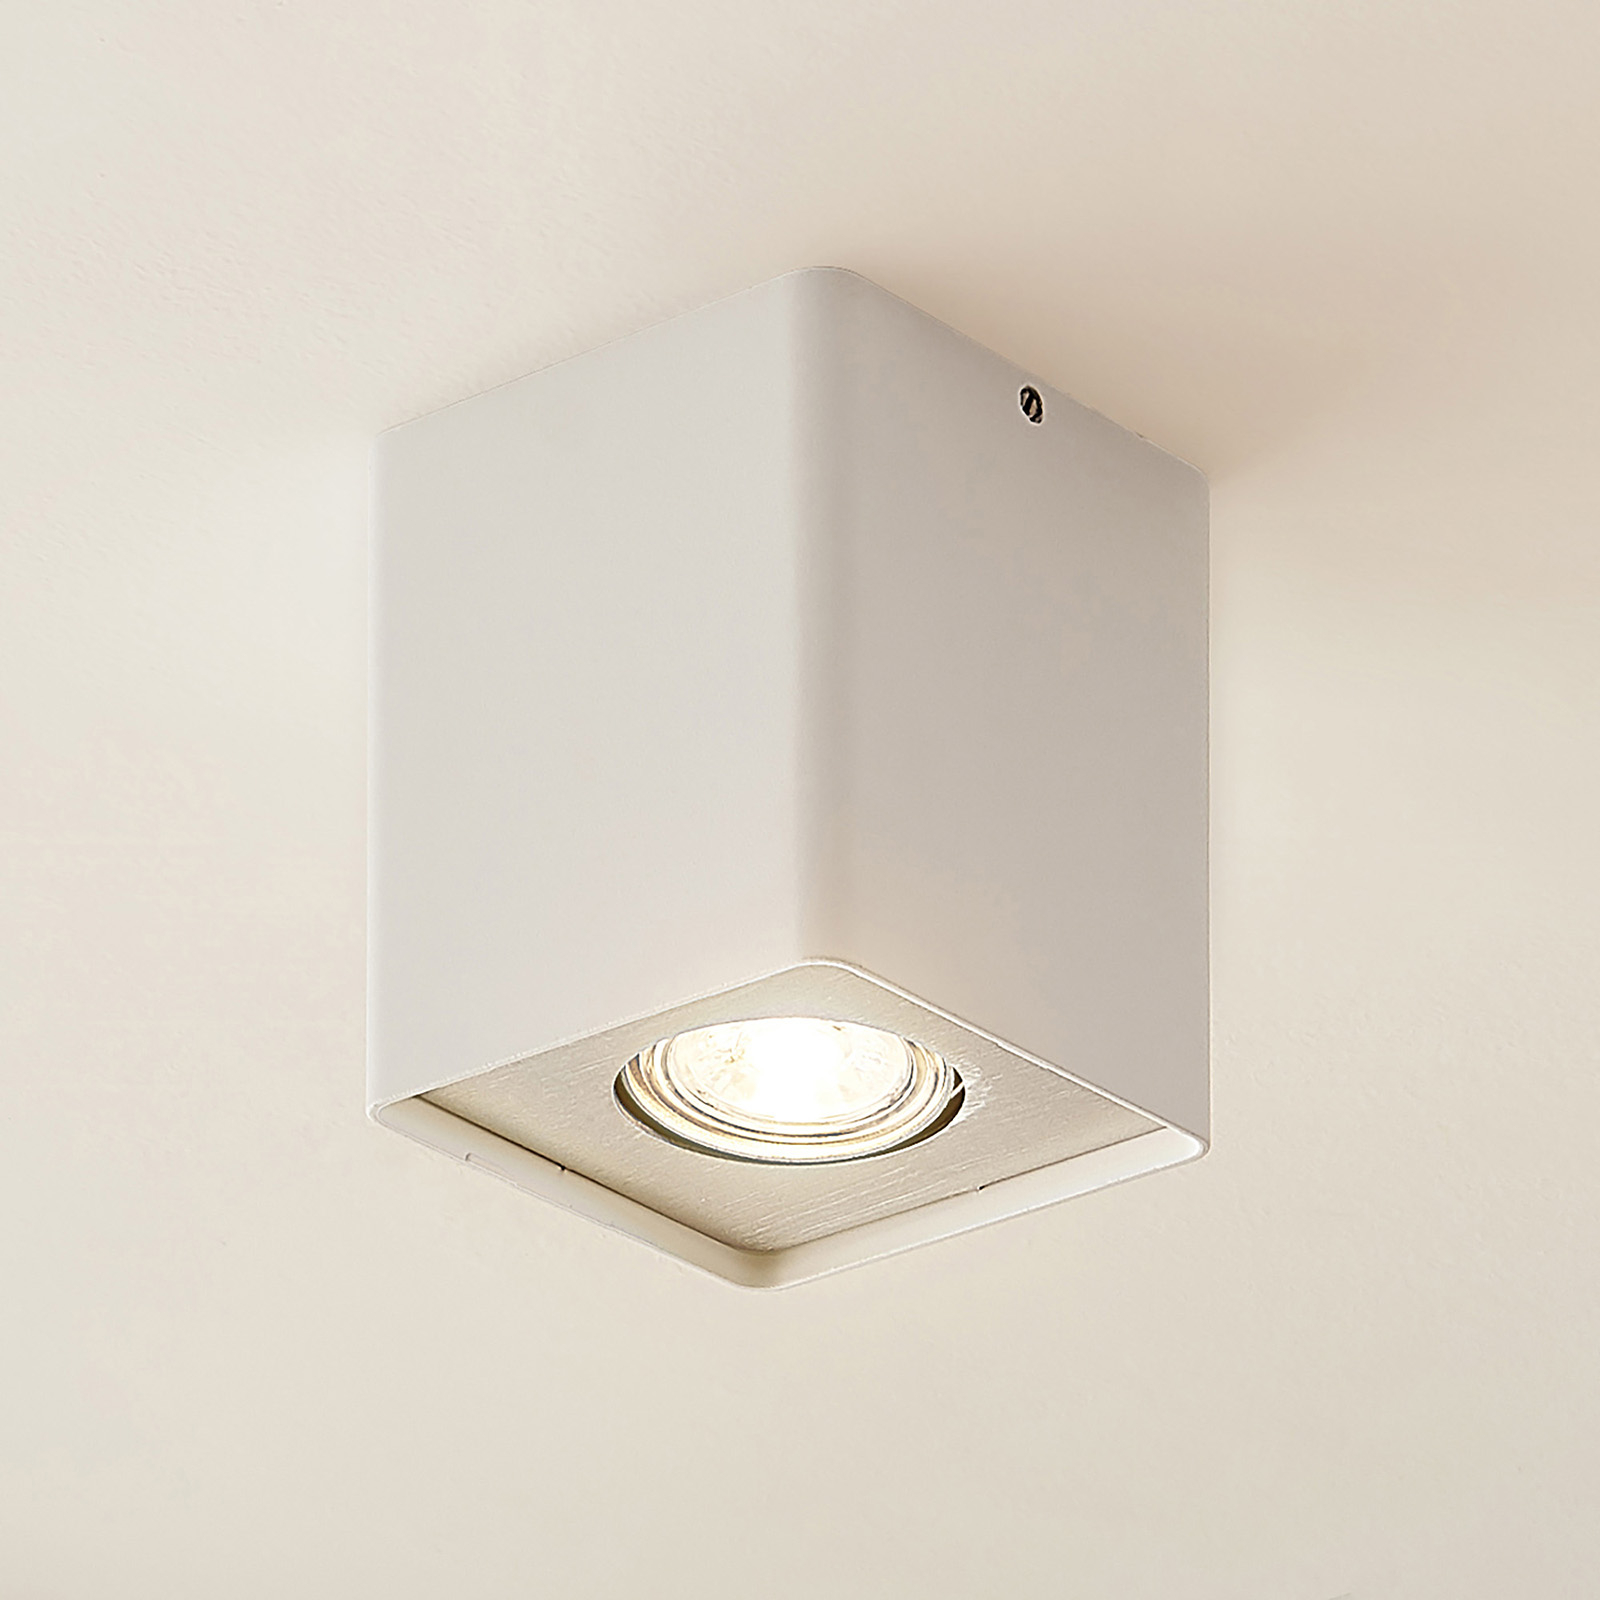 Lindby Laron Gu10-downlight, kantet, hvit